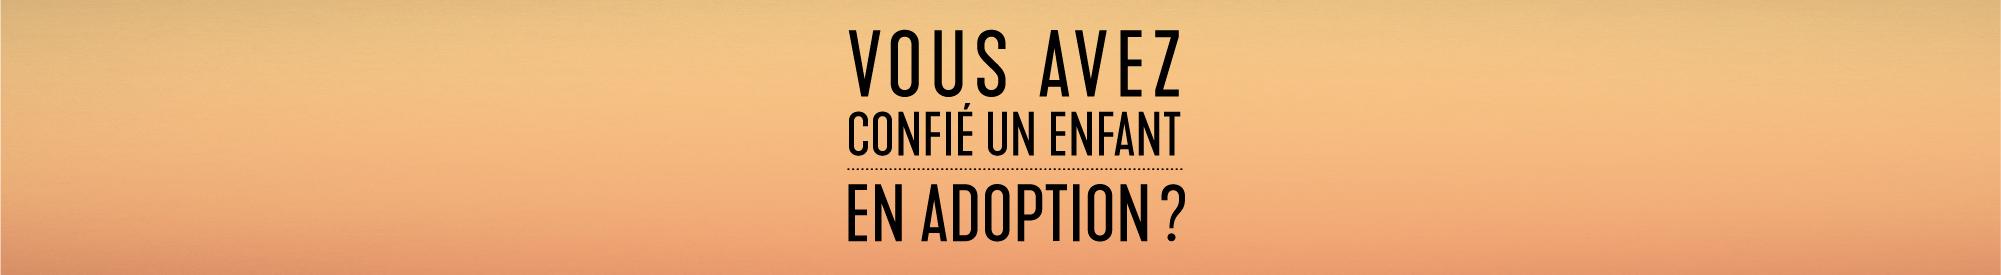 Vous avez confié un enfant en adoption?